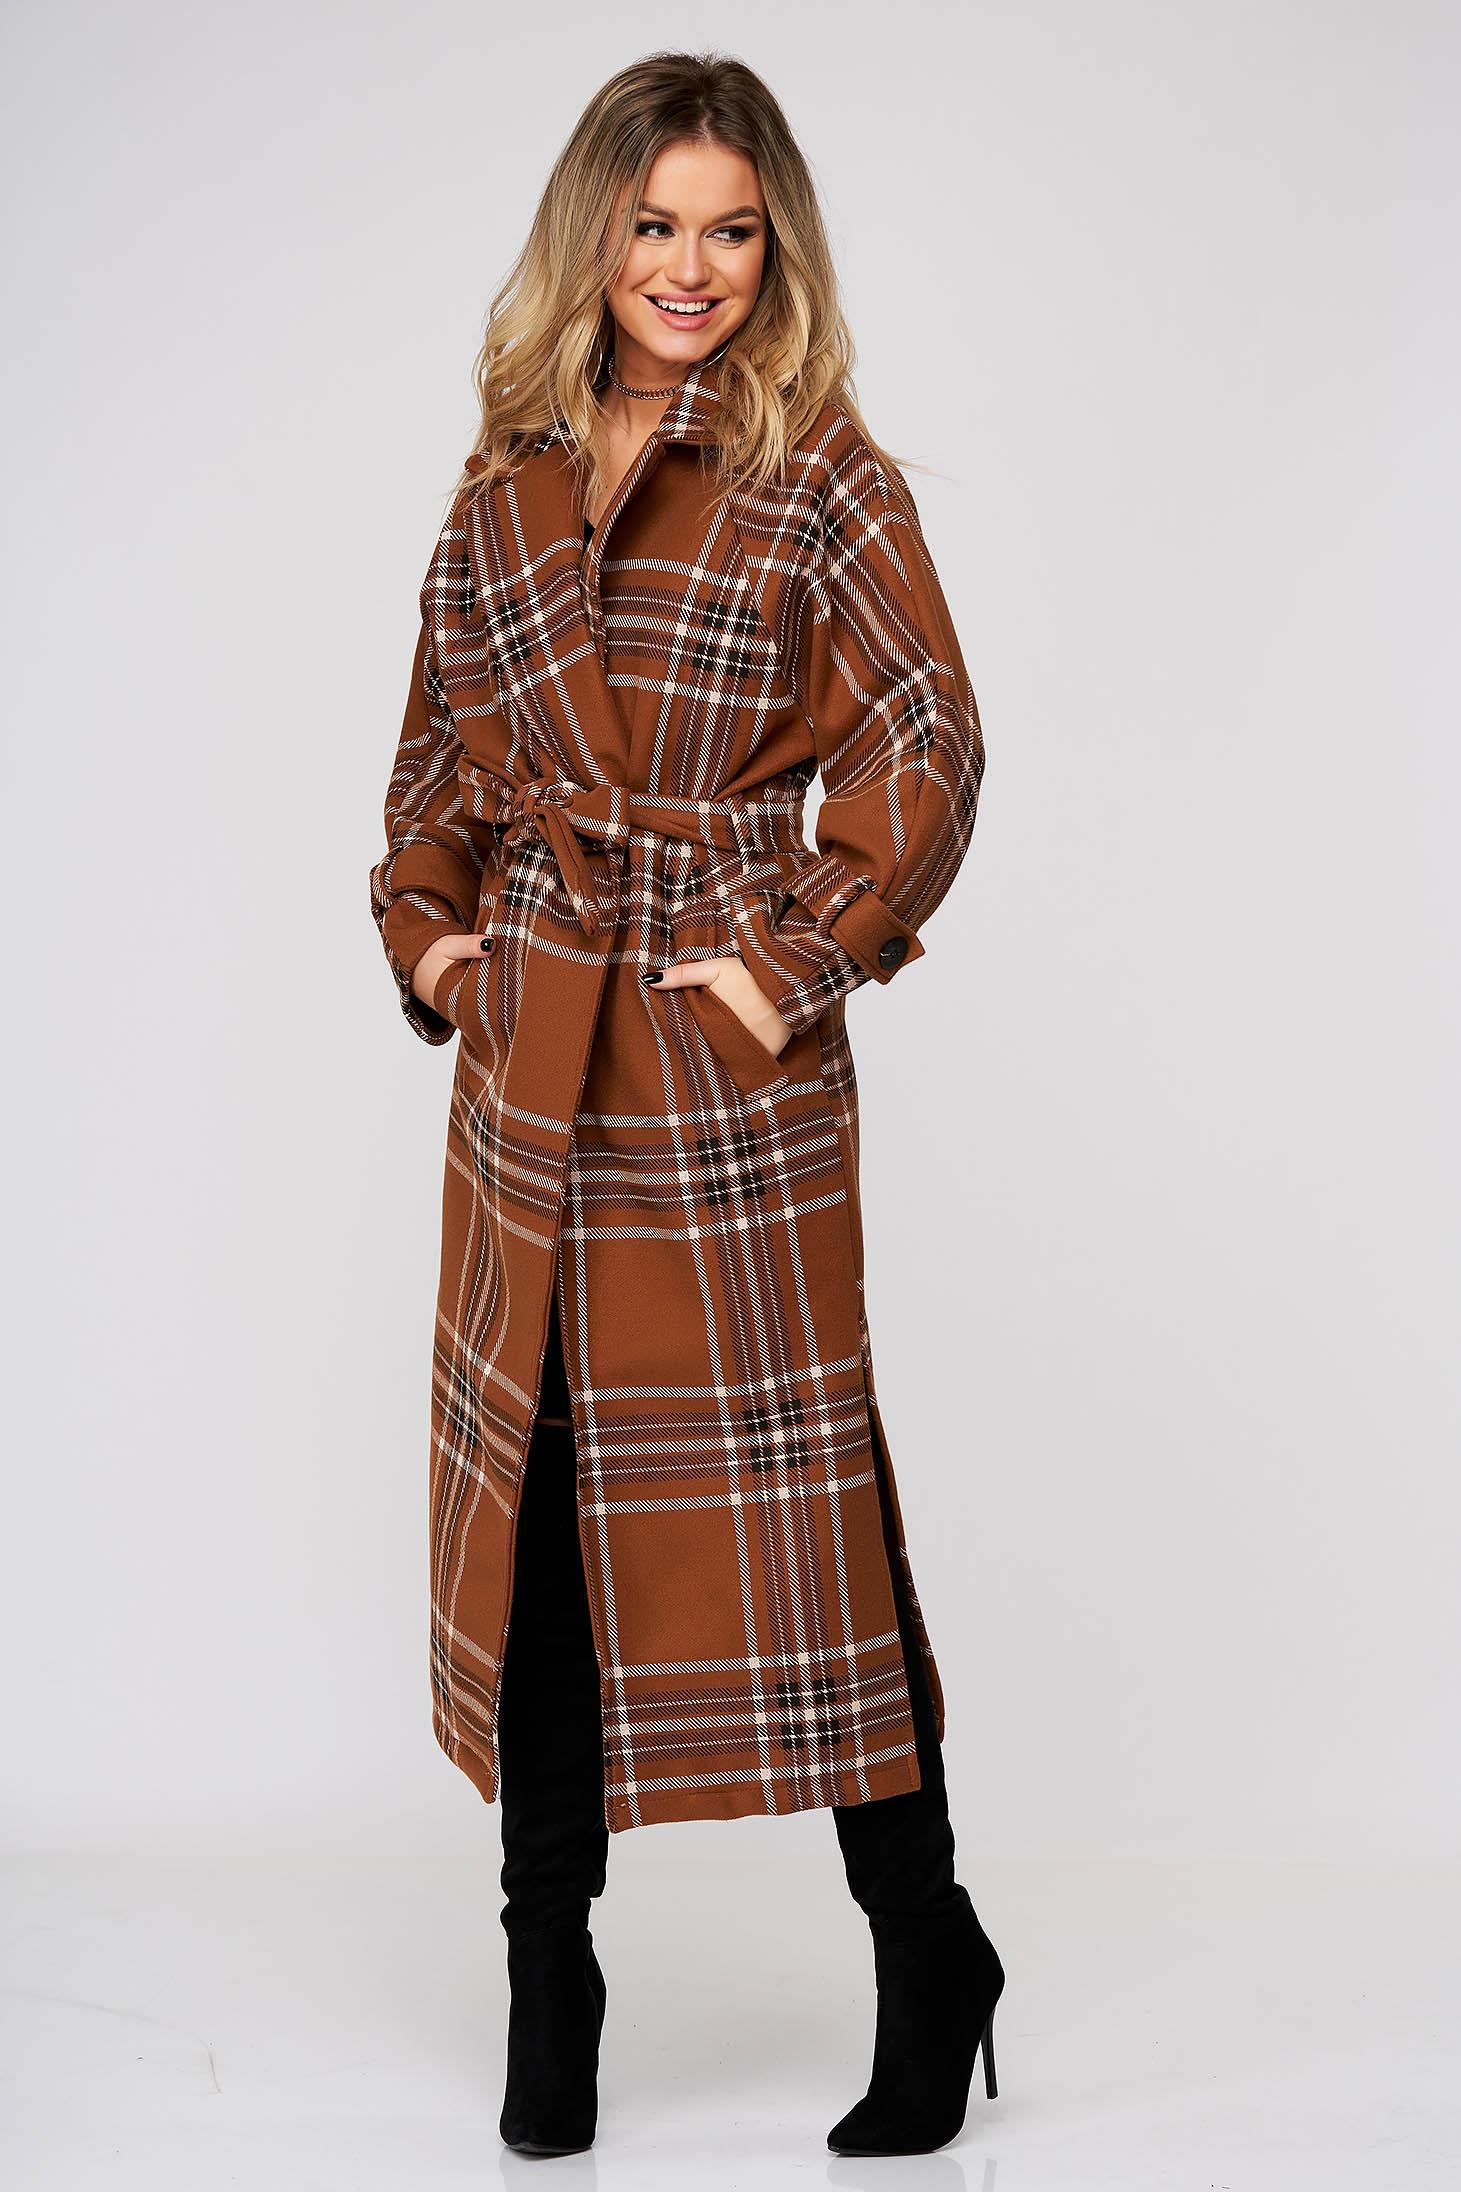 Palton SunShine maro lung cu un croi drept accesorizat cu cordon din stofa neelastica in carouri